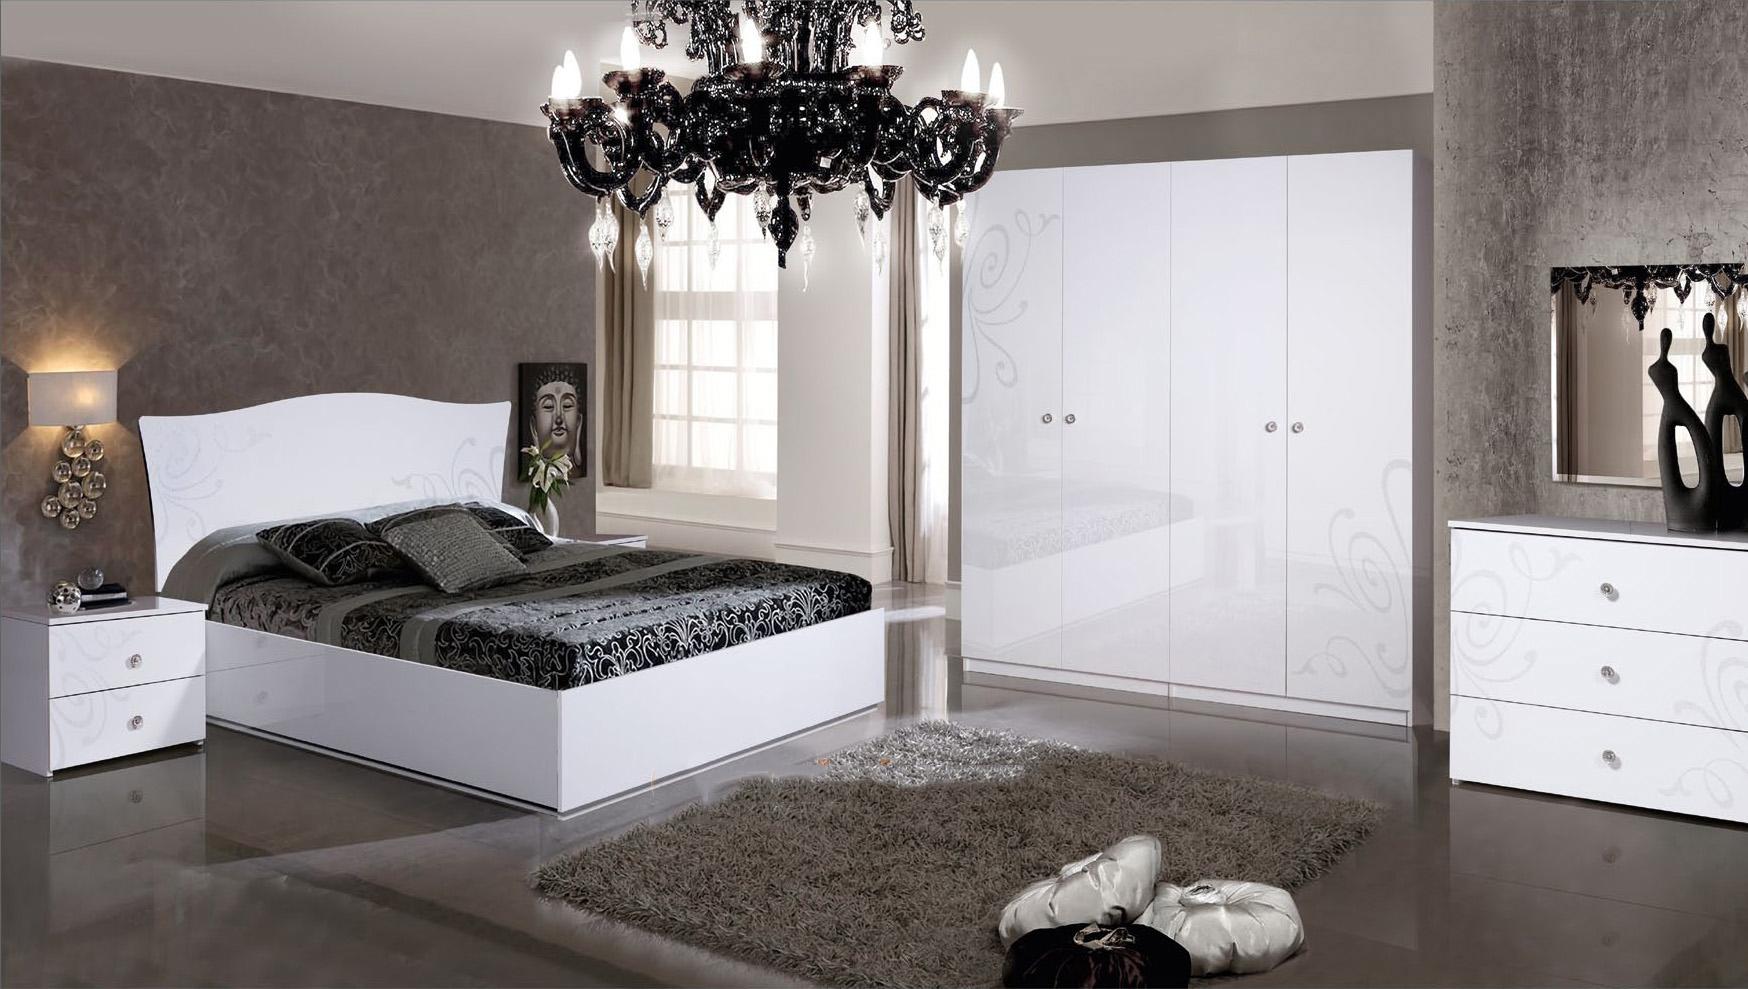 Camera Da Letto Bianca E Nera set da letto bianco (39 foto): colori negli interni, modelli